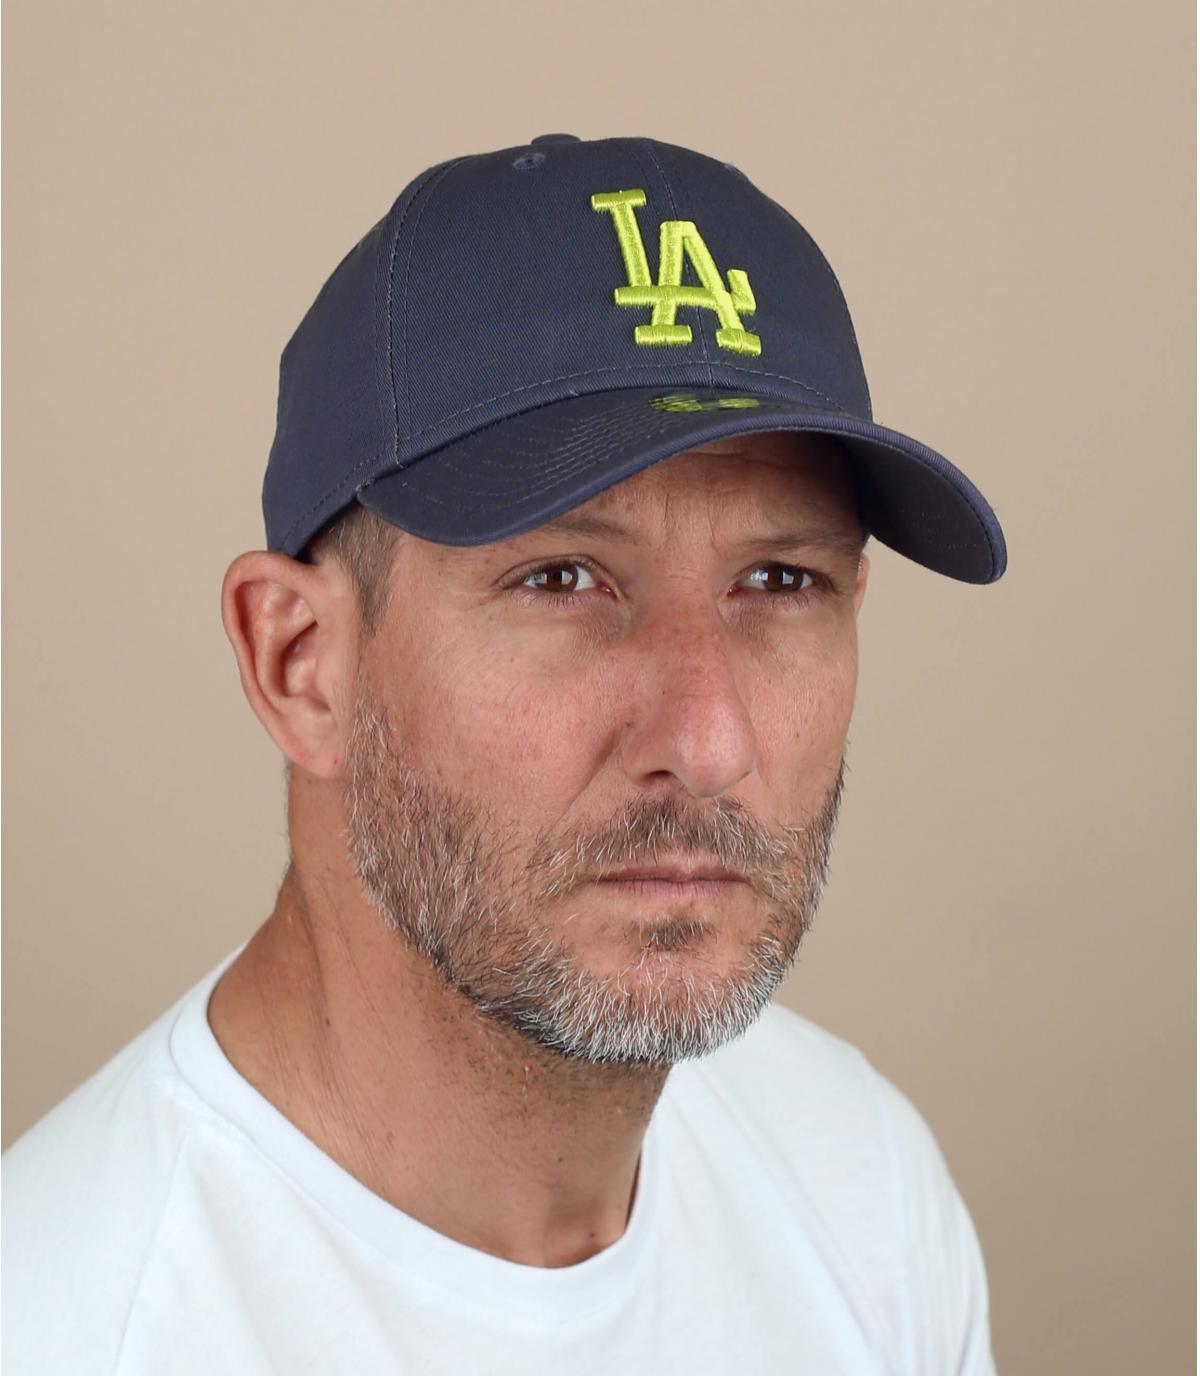 Cappellino giallo grigio LA